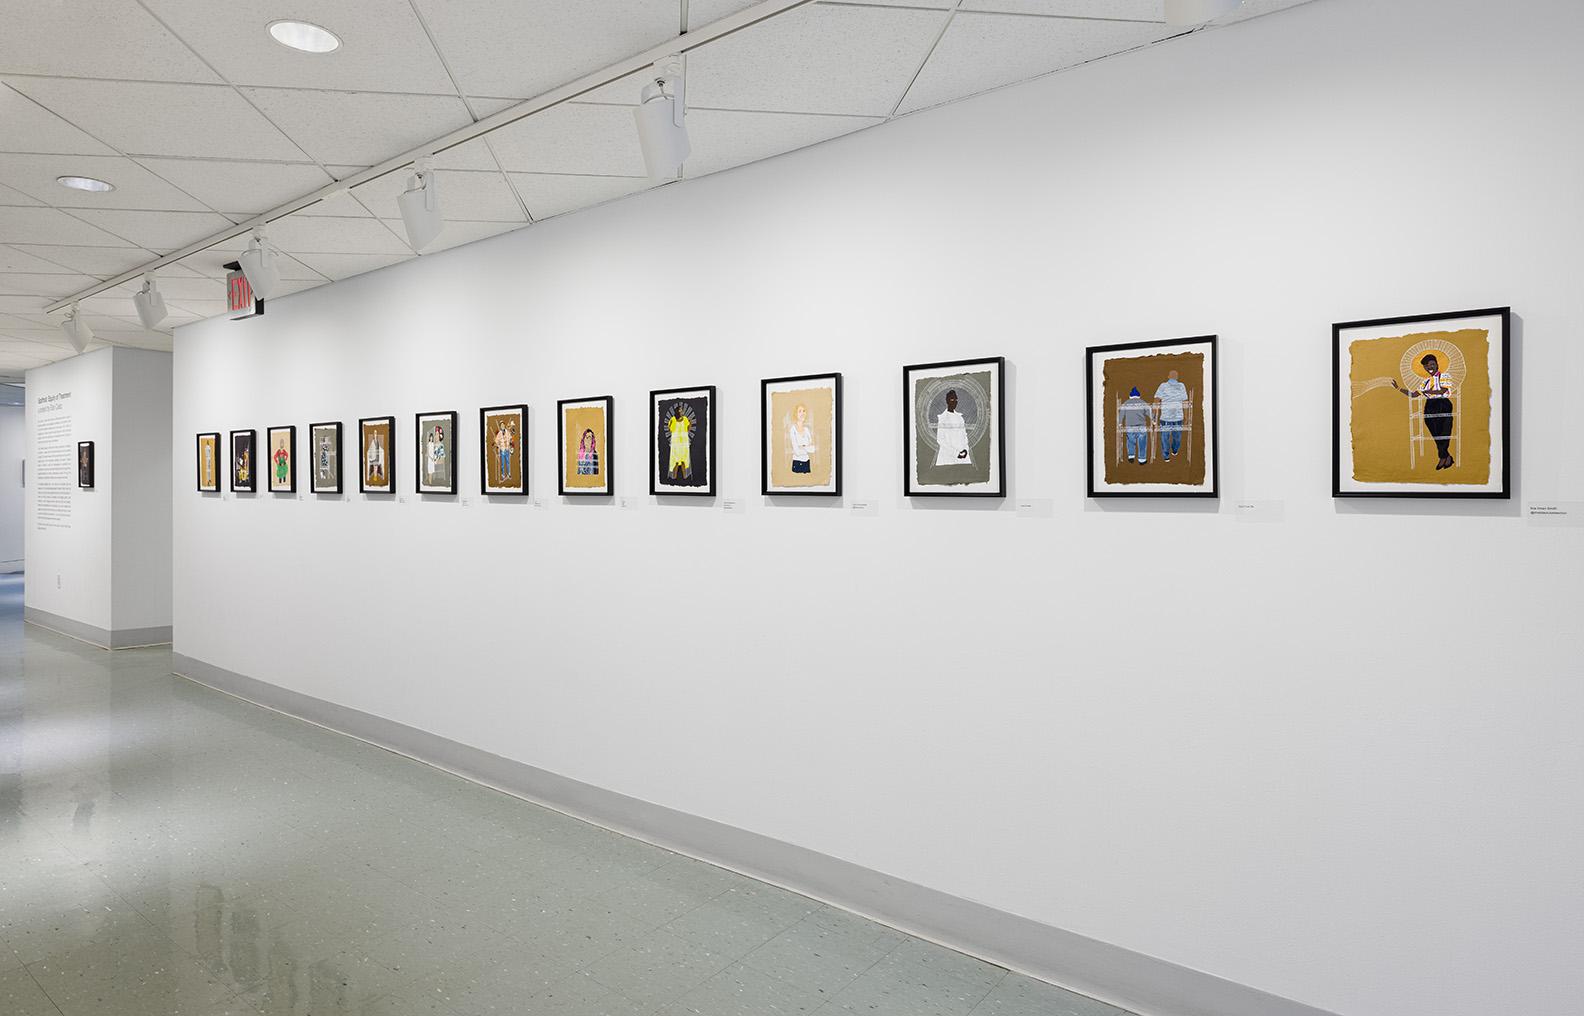 Installation view of Elan Cadiz's work